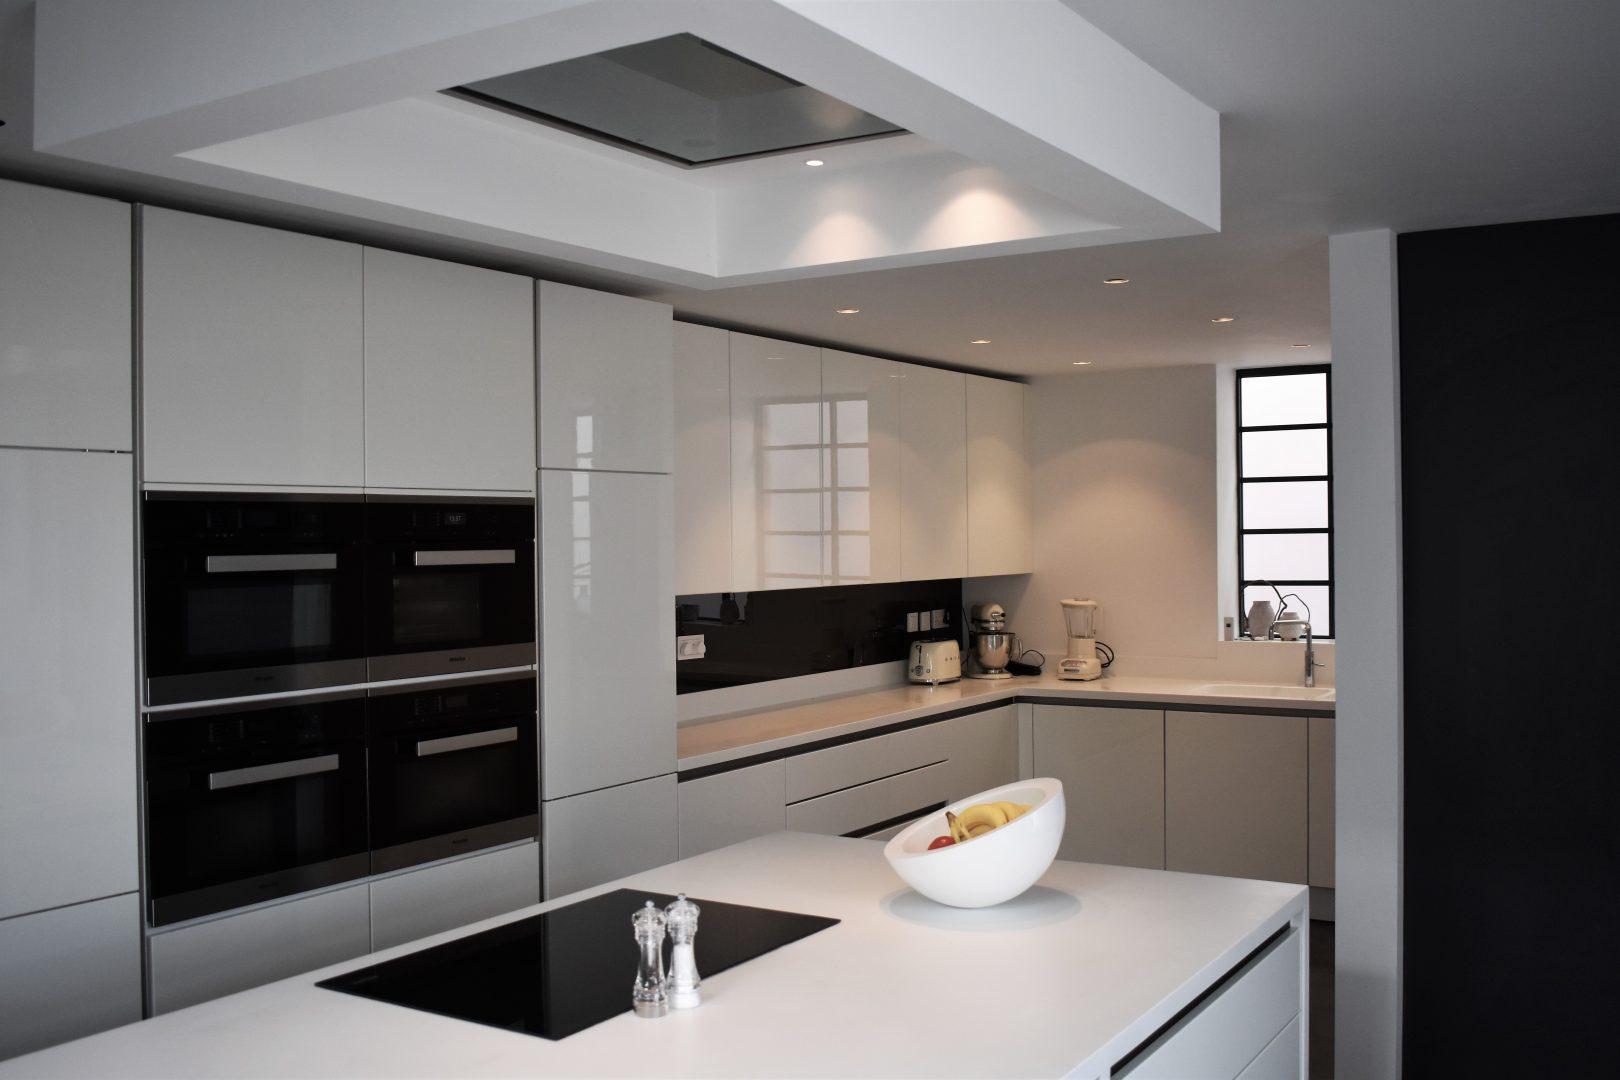 Minimalist modern kitchen design